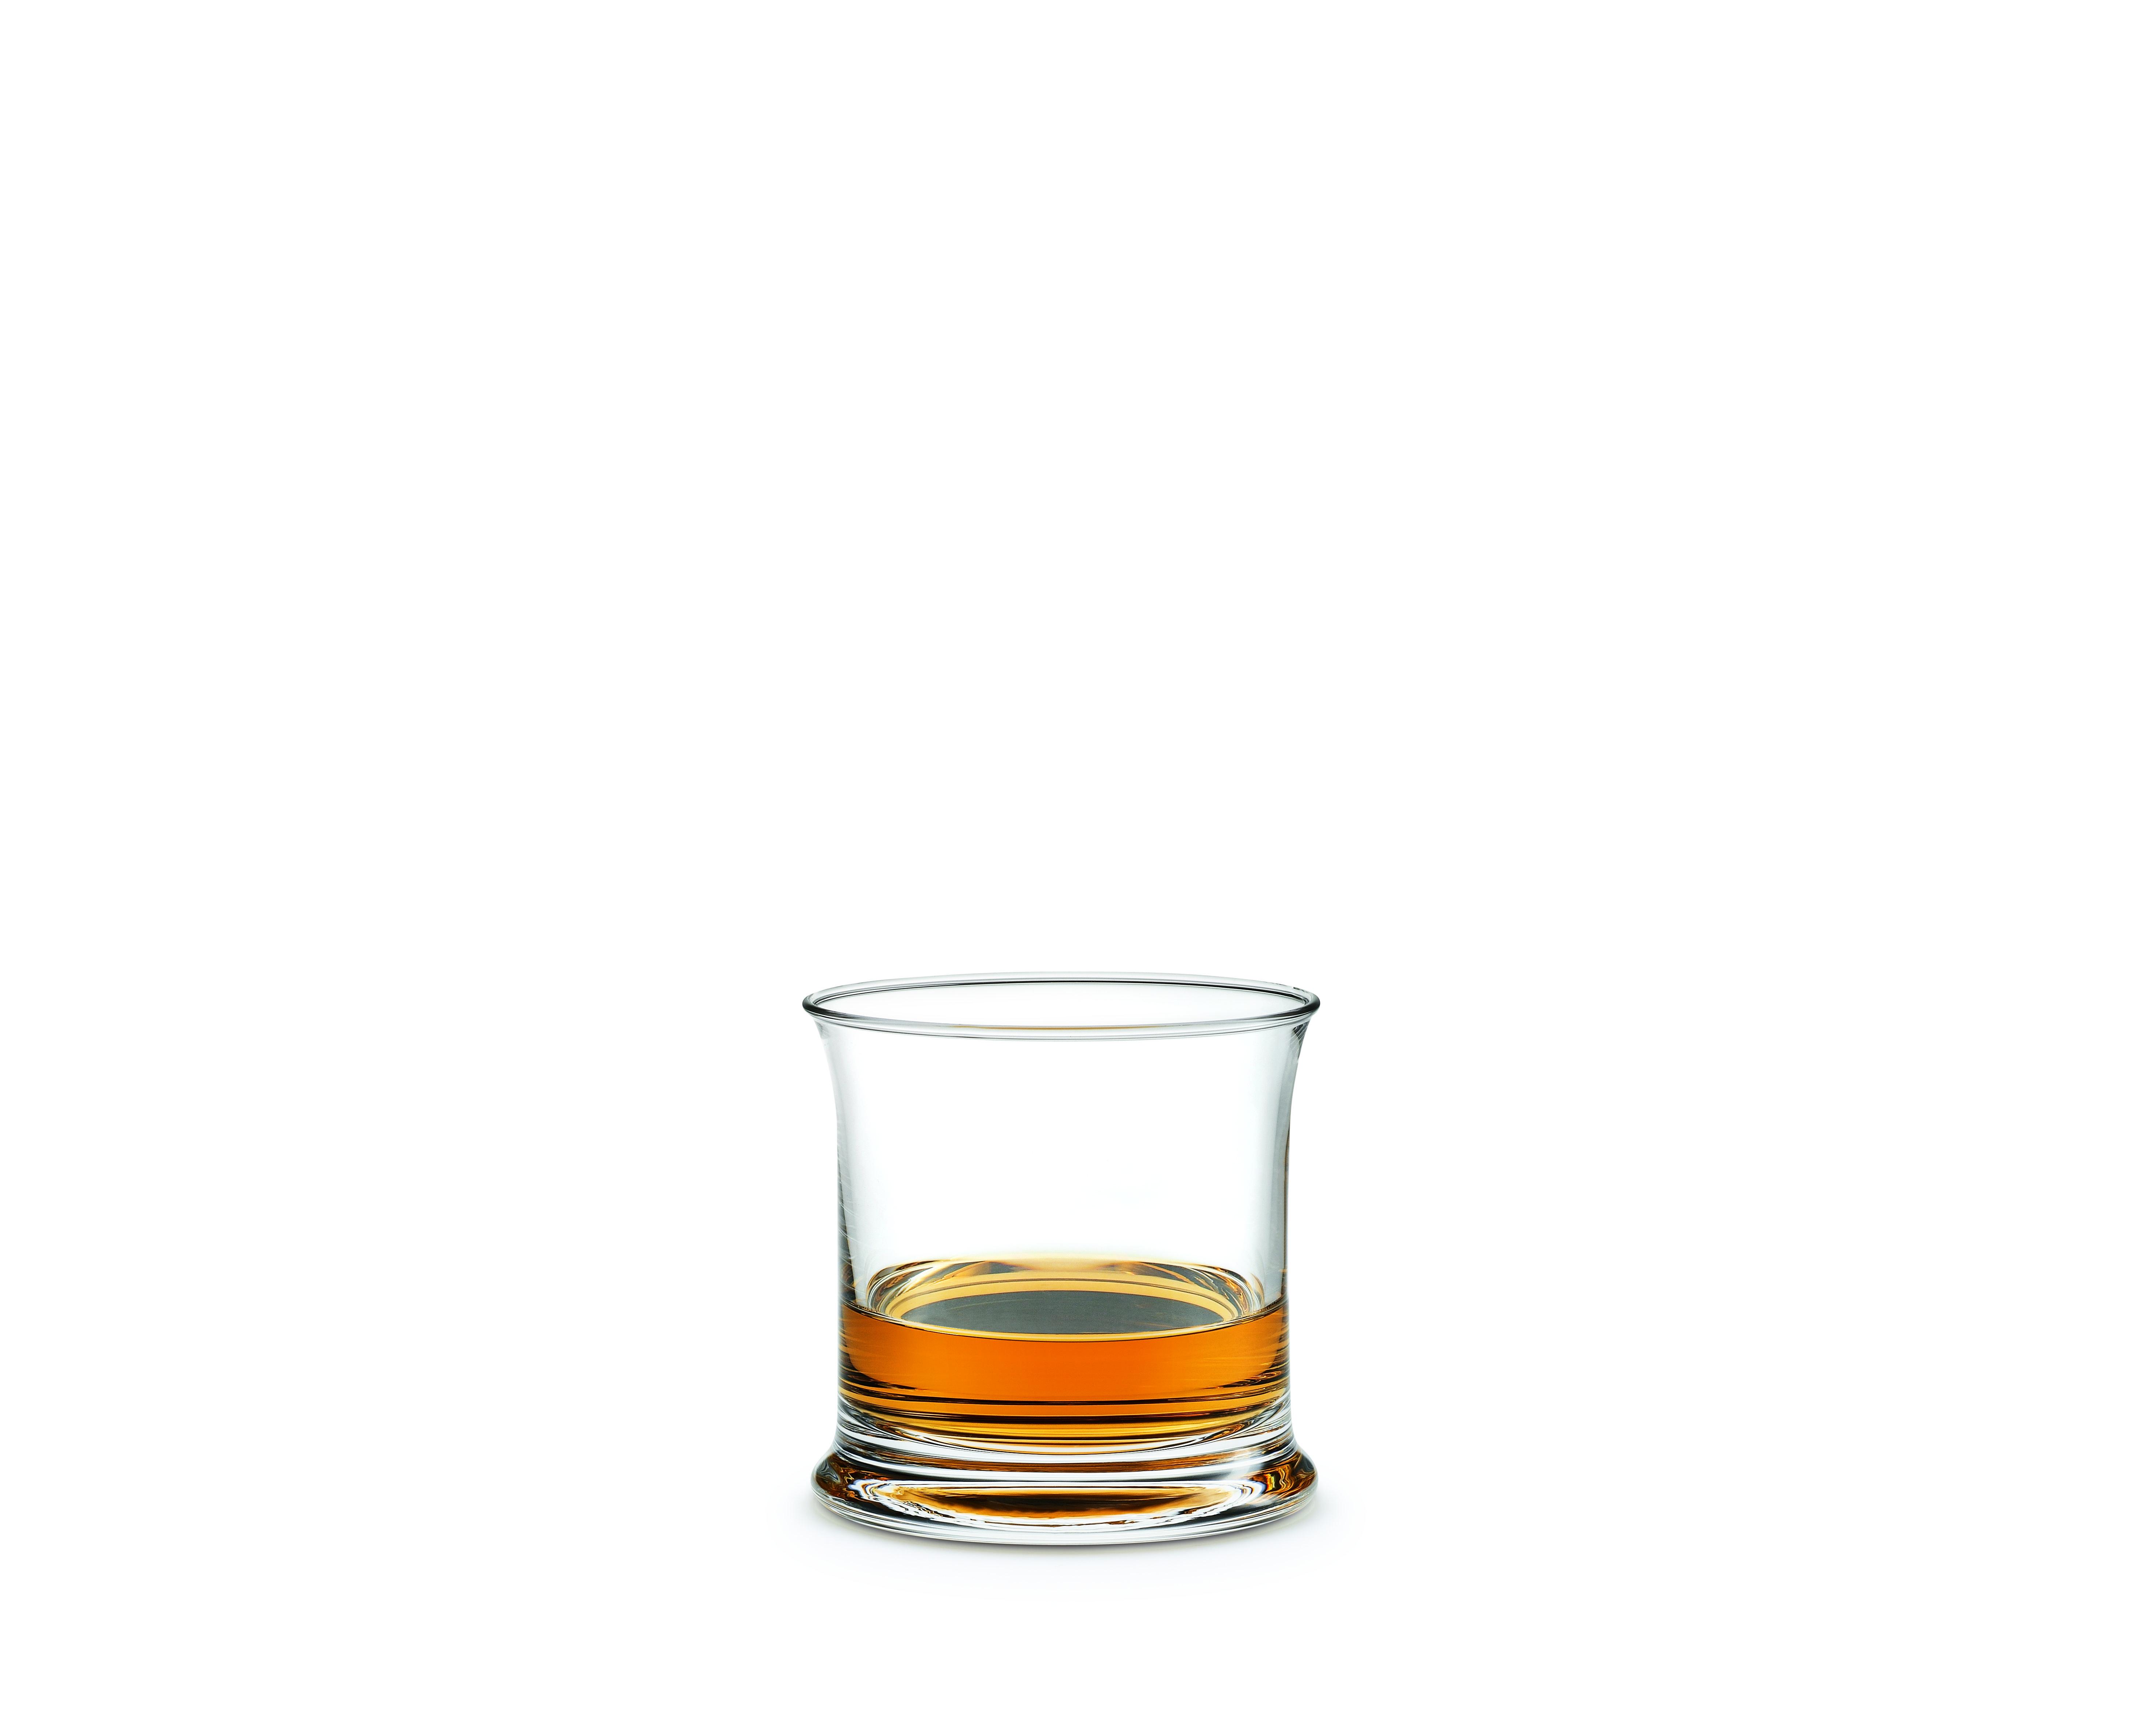 Holmegaard No. 5 sjusglas, 330 ml